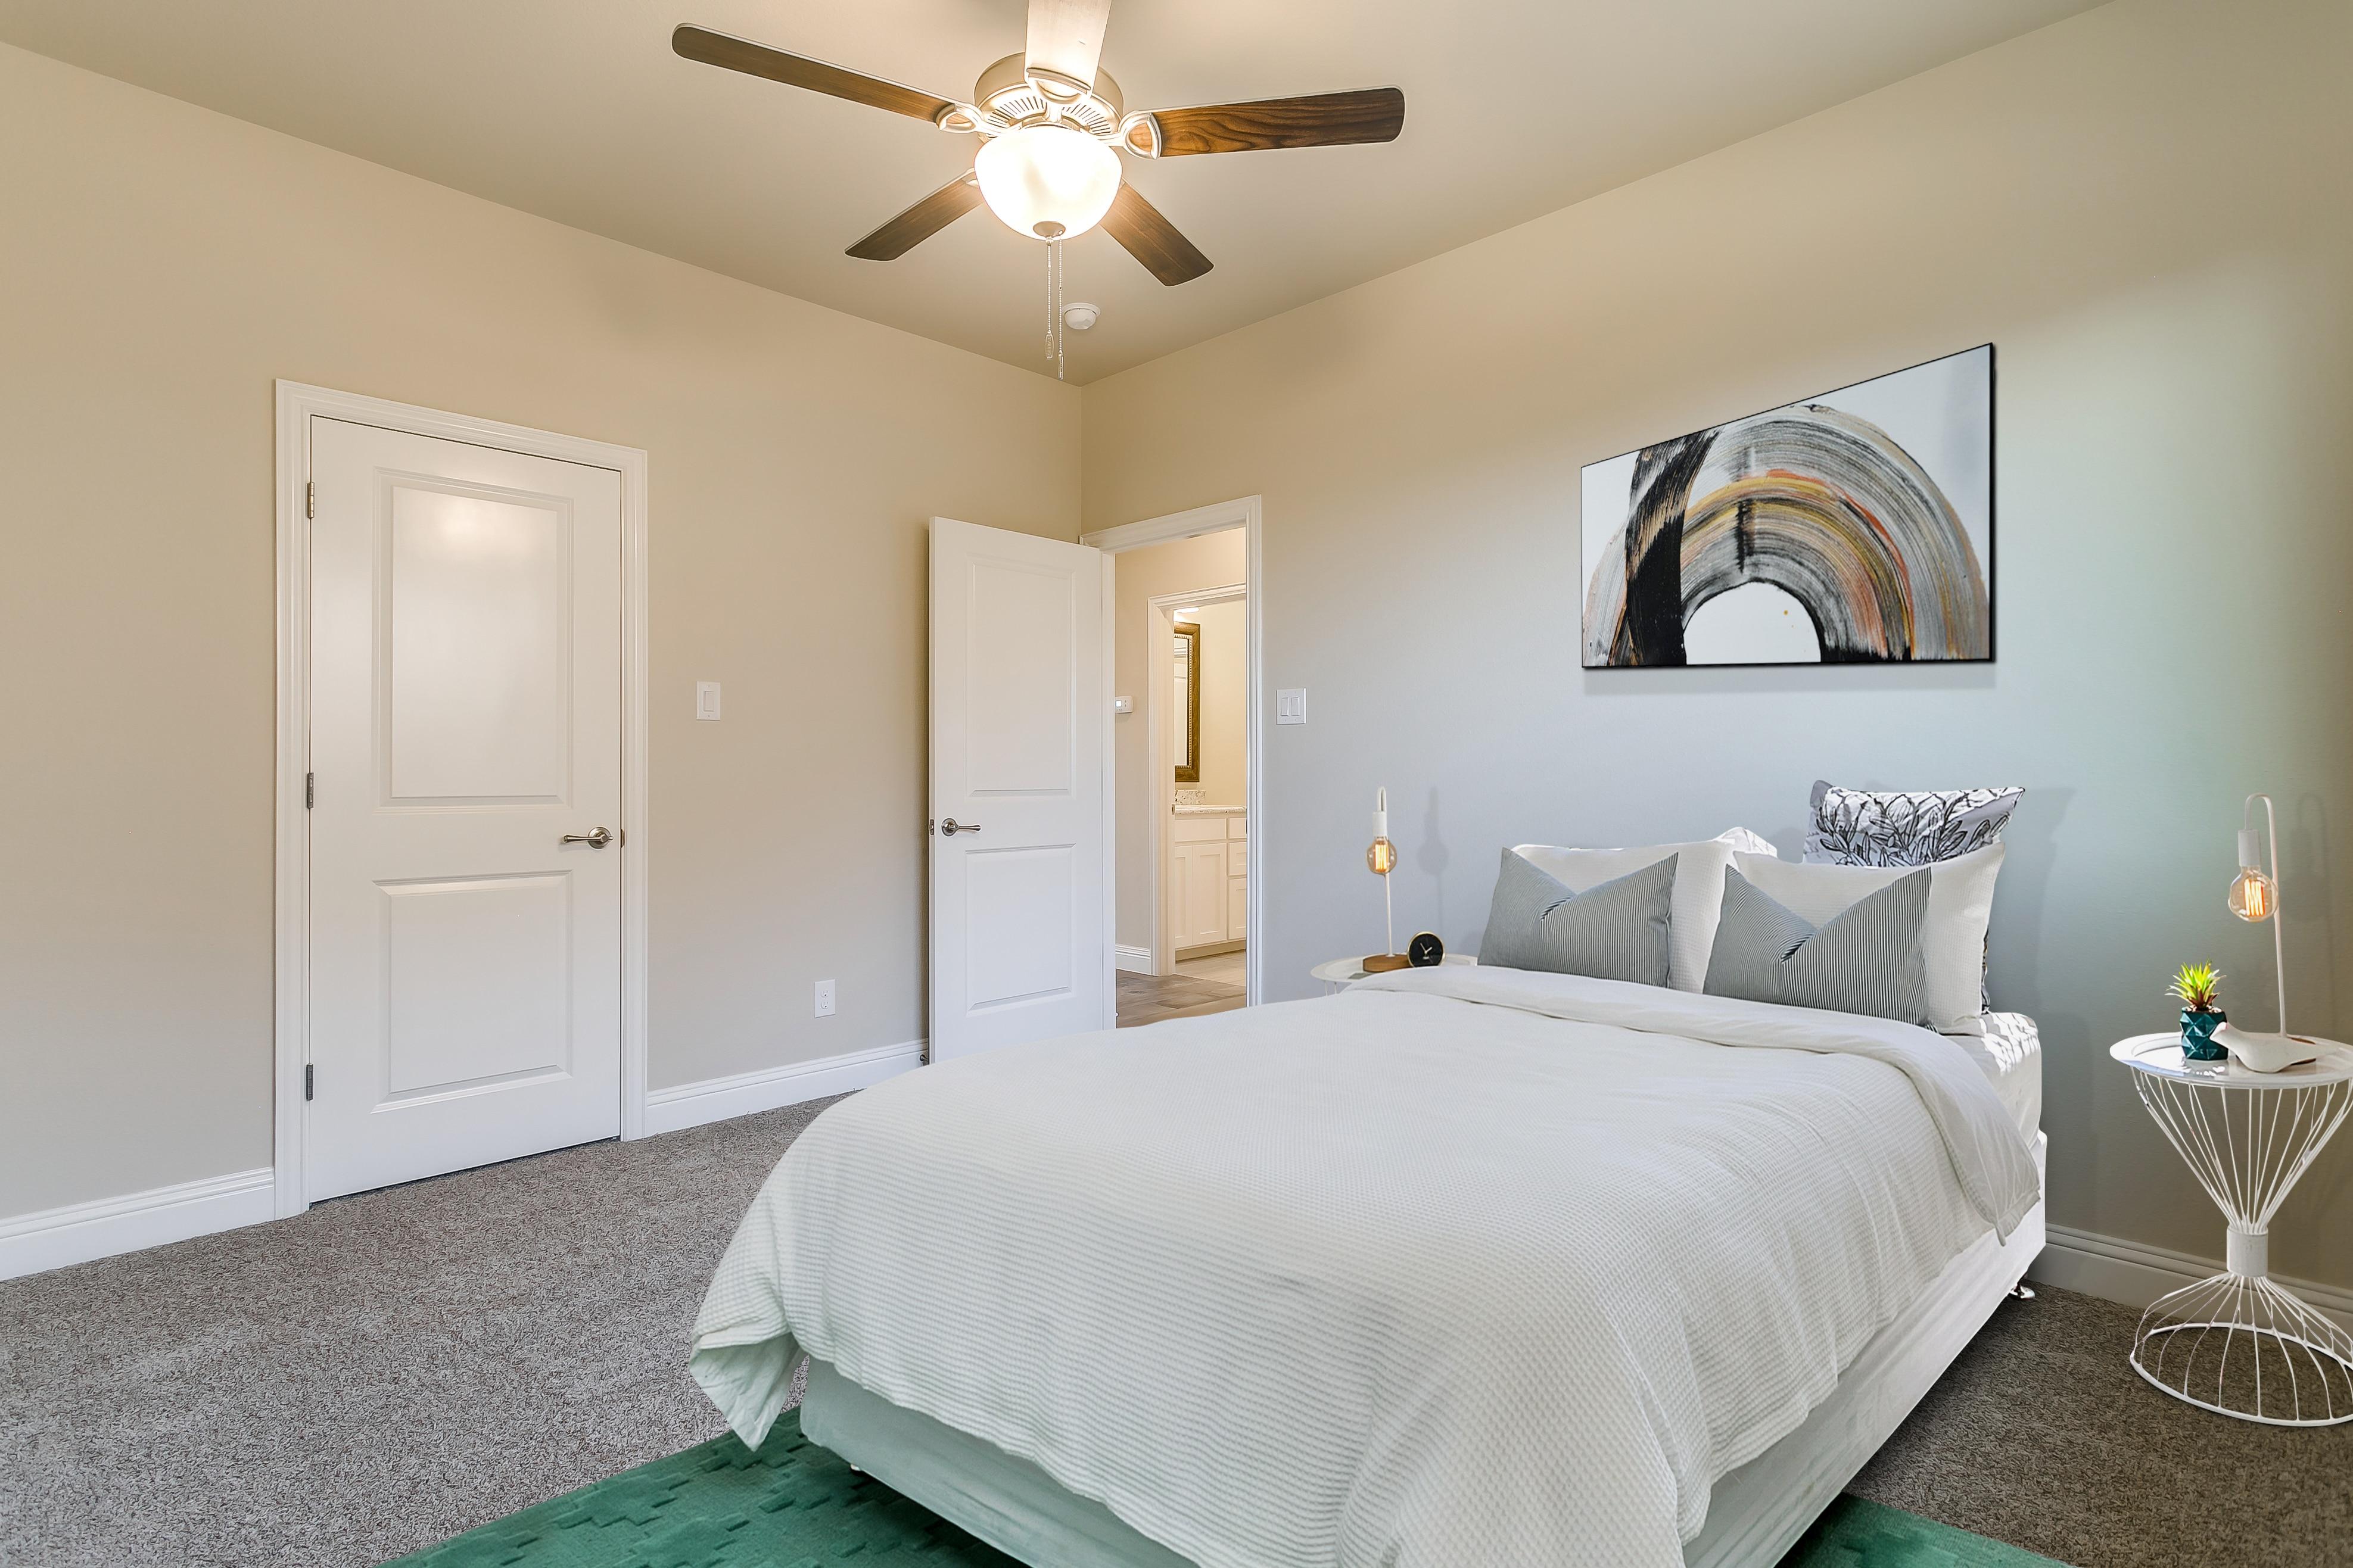 boys bedroom a